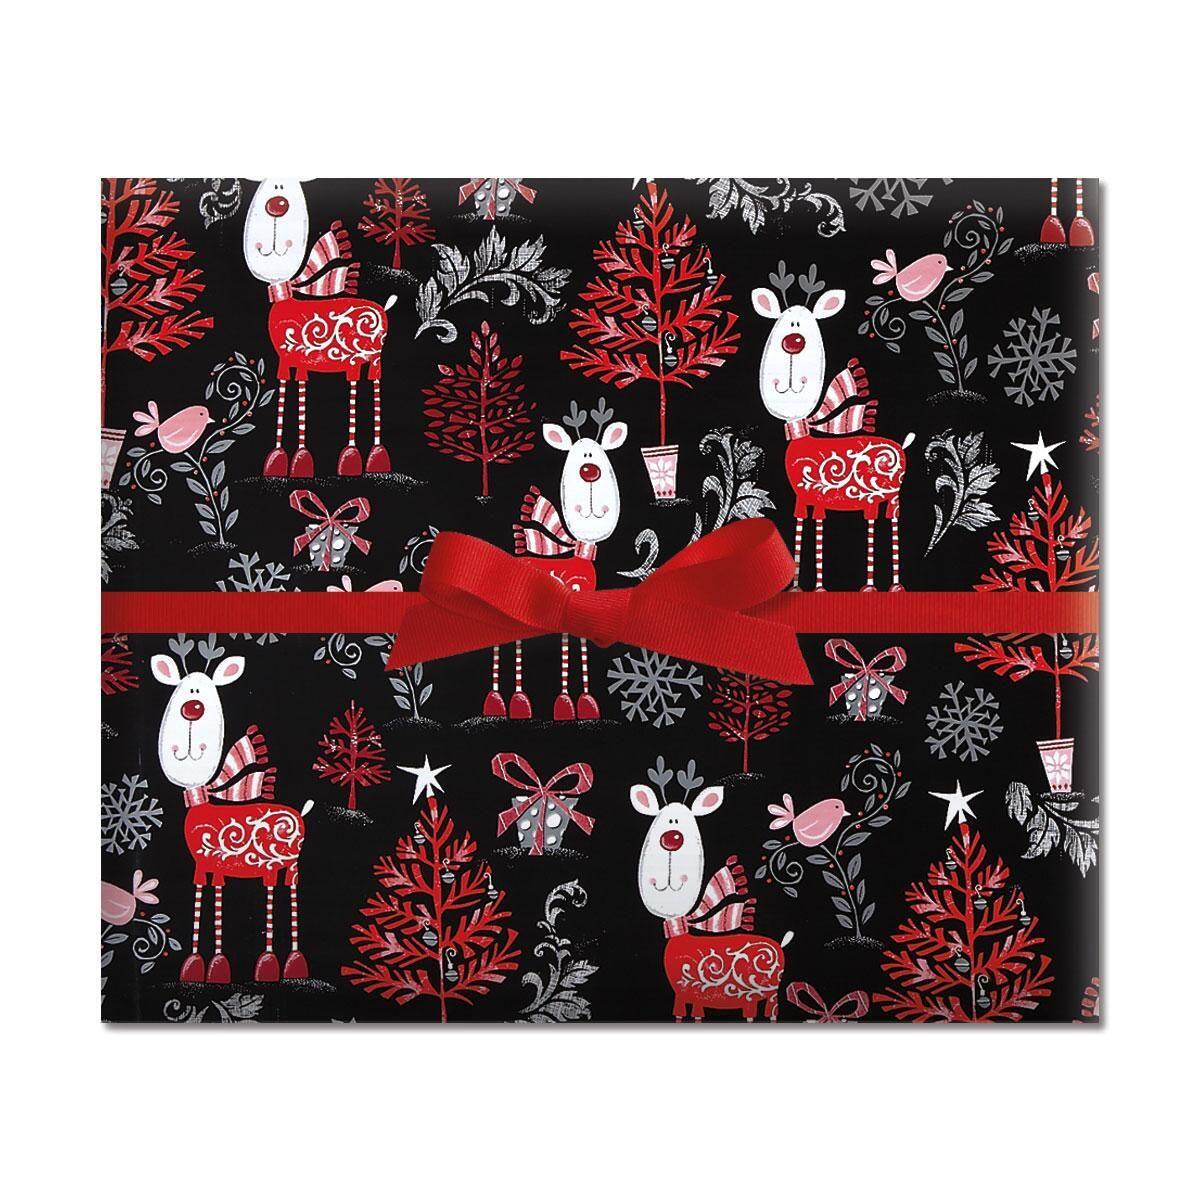 Reindeer on Black Jumbo Rolled Gift Wrap